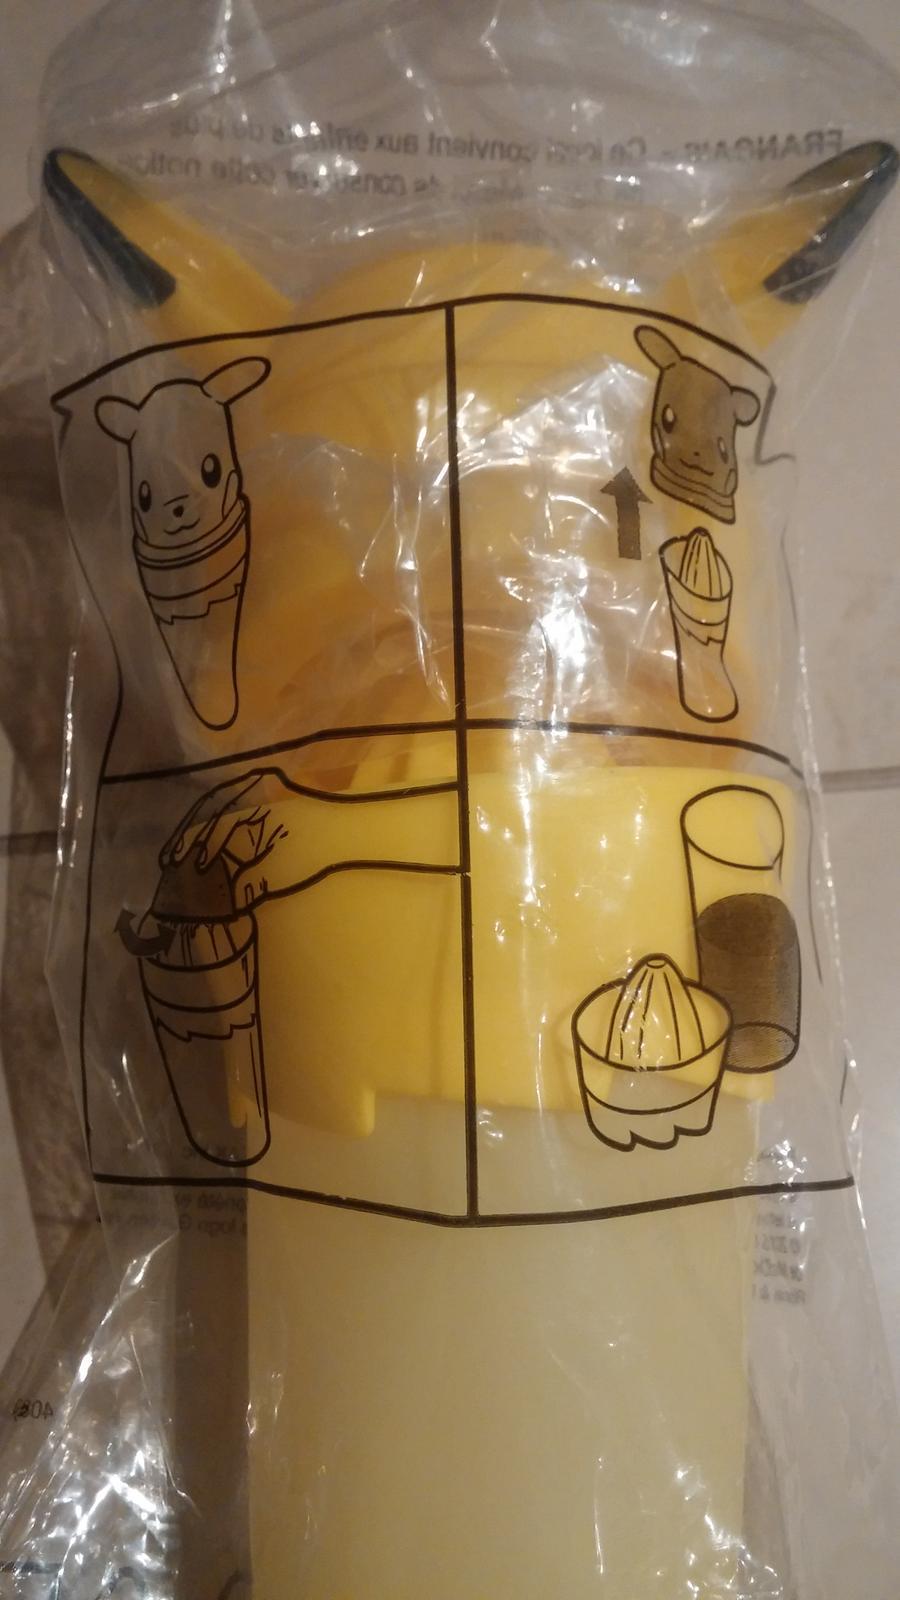 rucny odstavovac pikachu - Obrázok č. 2